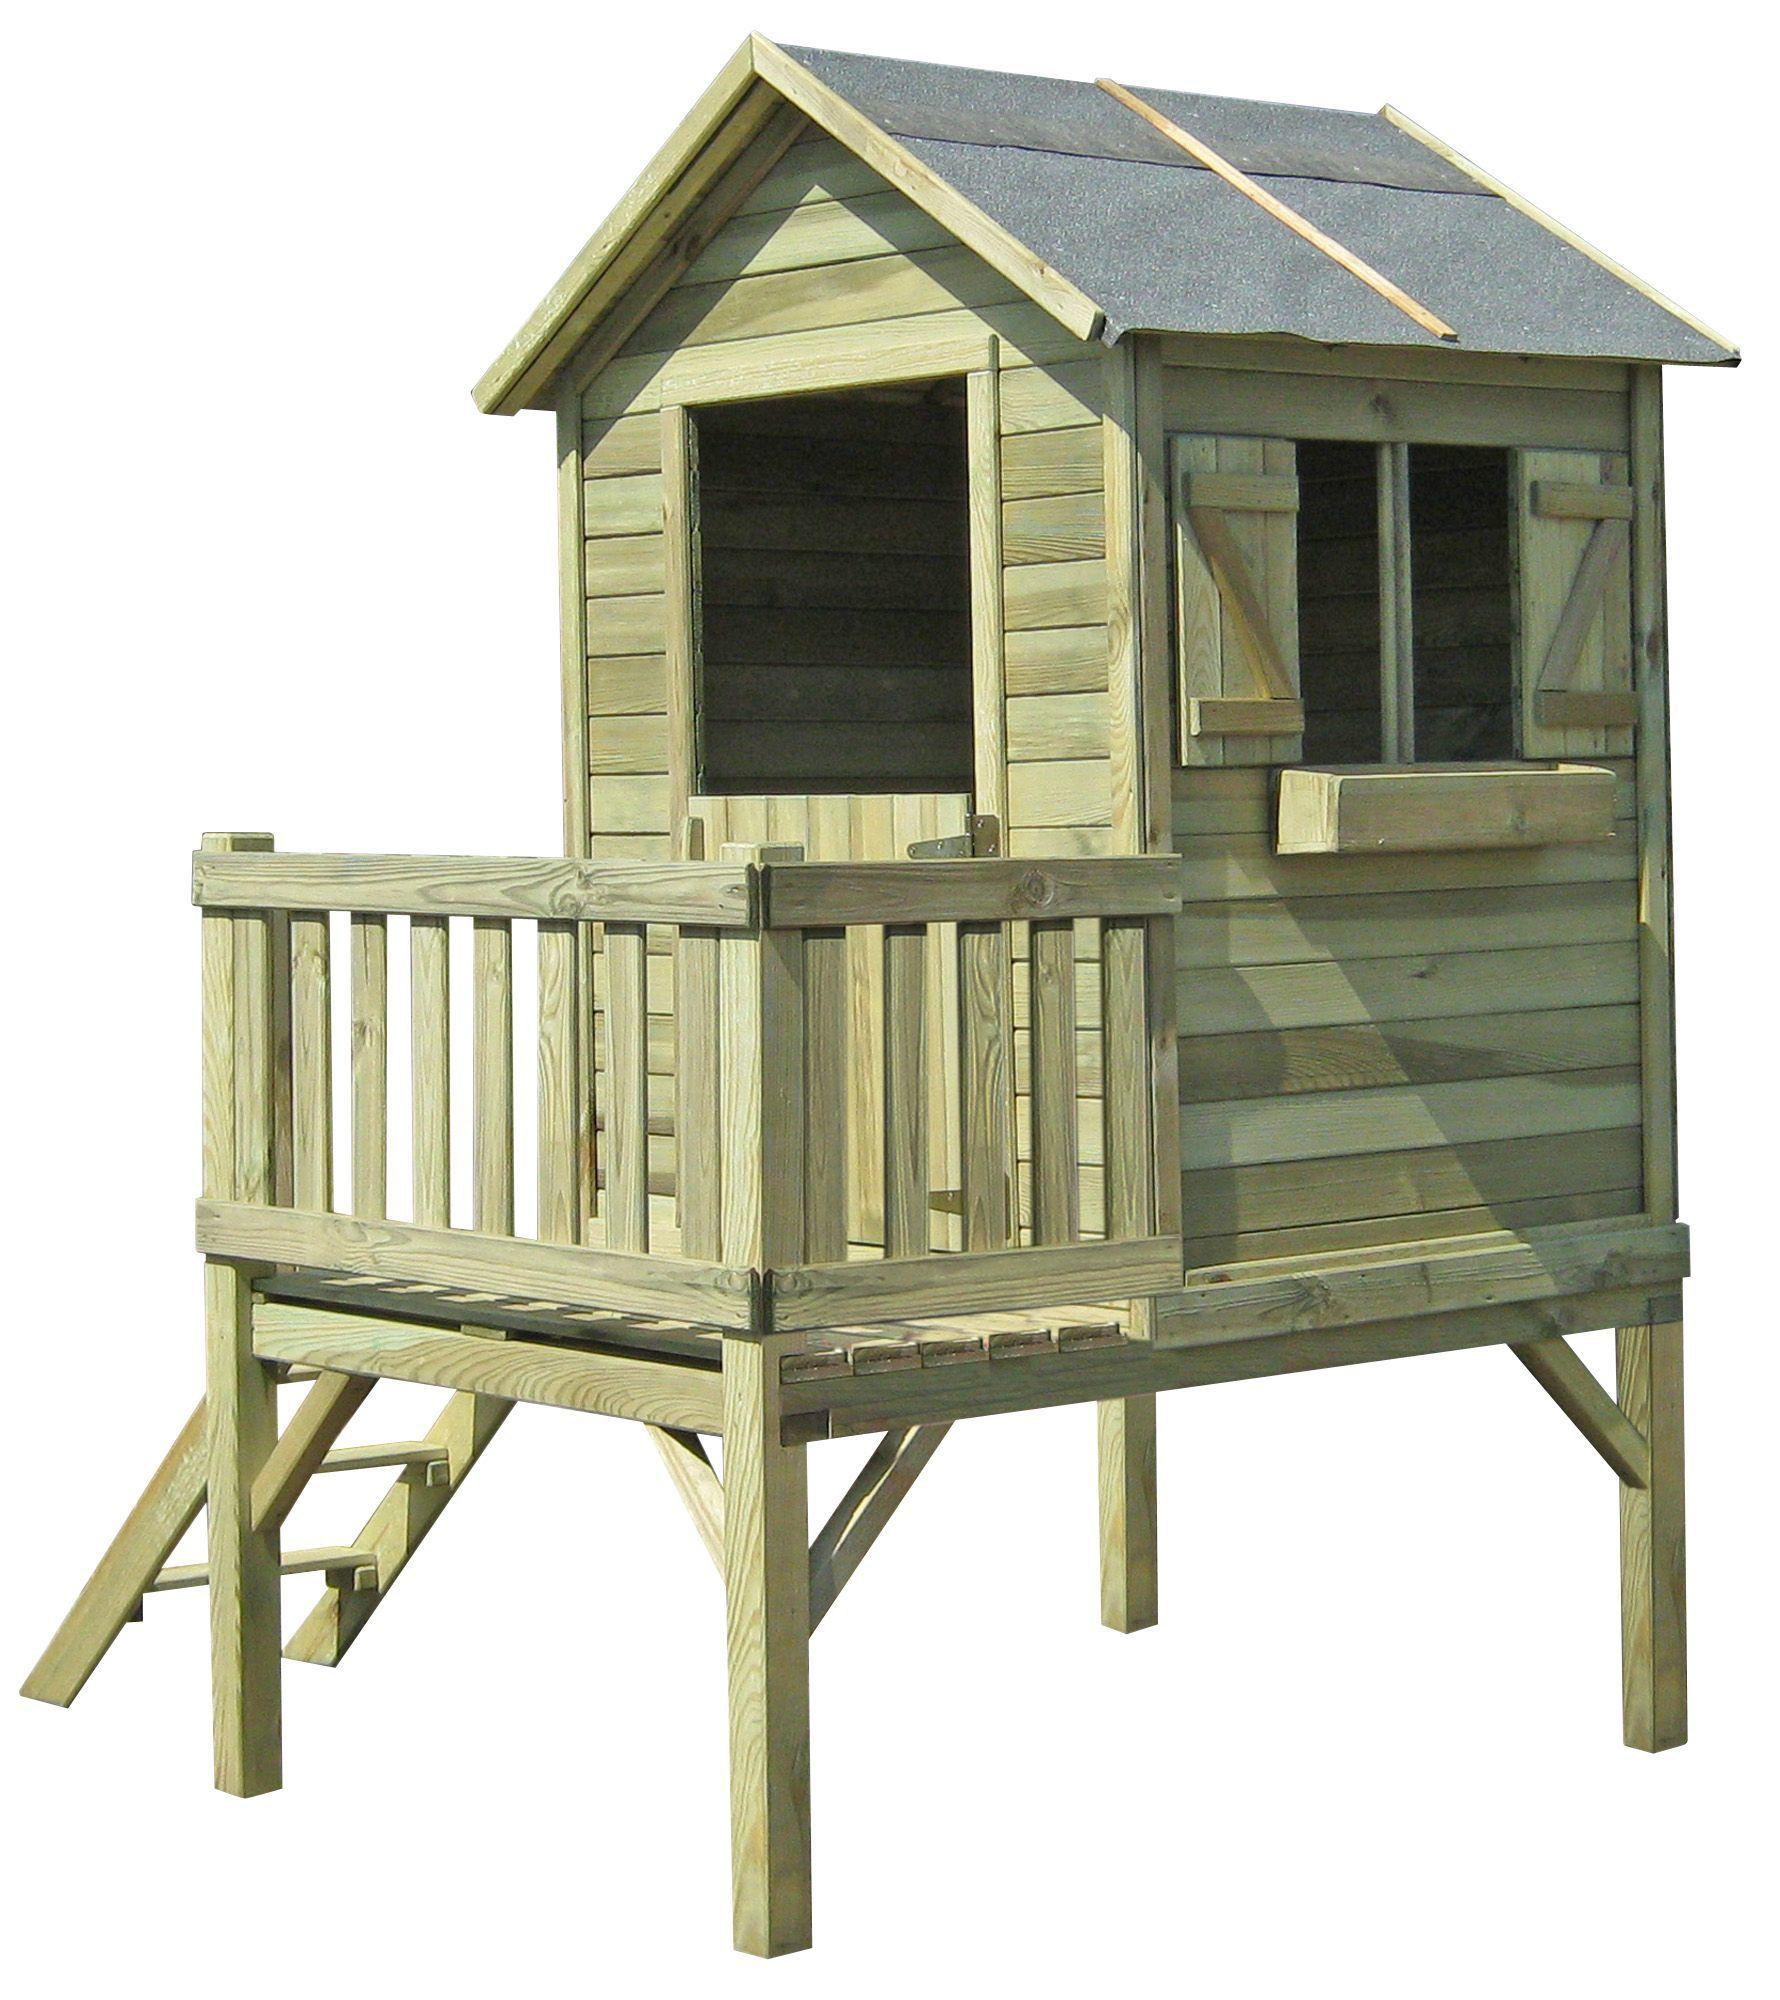 Cabane Enfant : Modèles Pour Le Jardin | Maisonnette En Bois ... encequiconcerne Cabane De Jardin Enfant Pas Cher